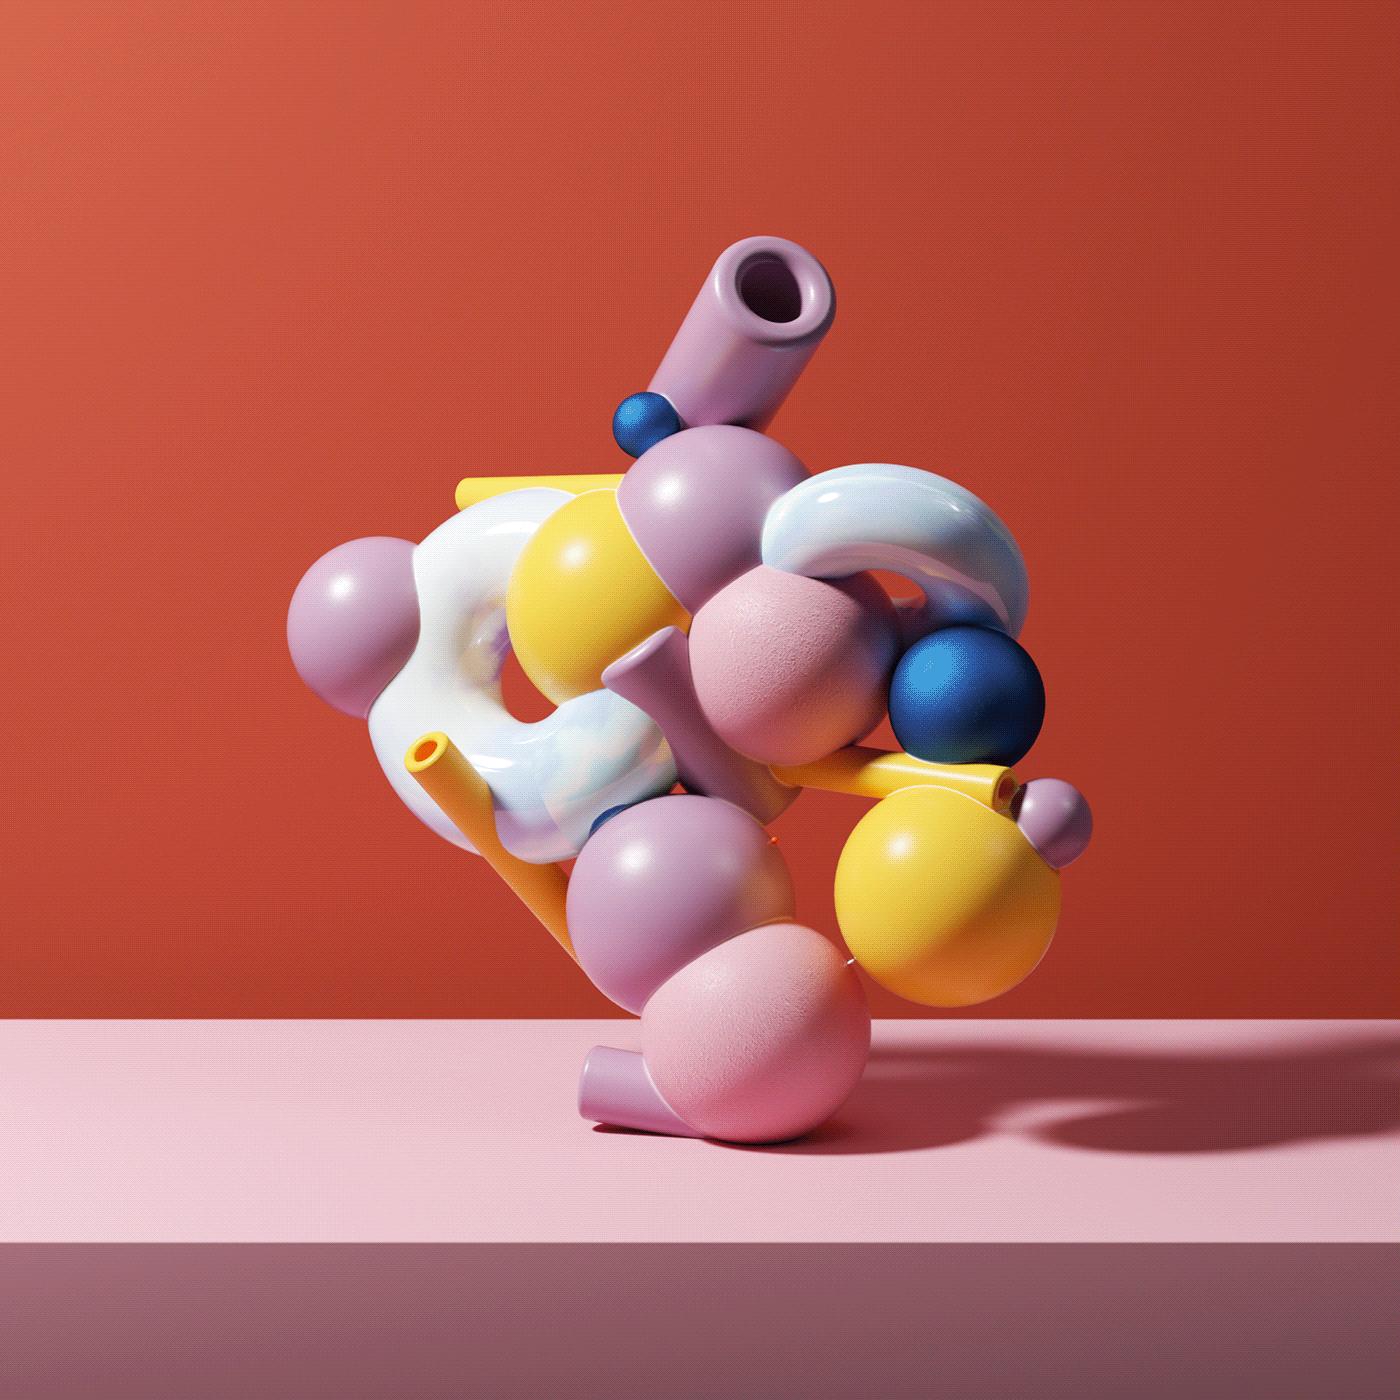 Tylko Organise effortlessly -3D & Motion Design